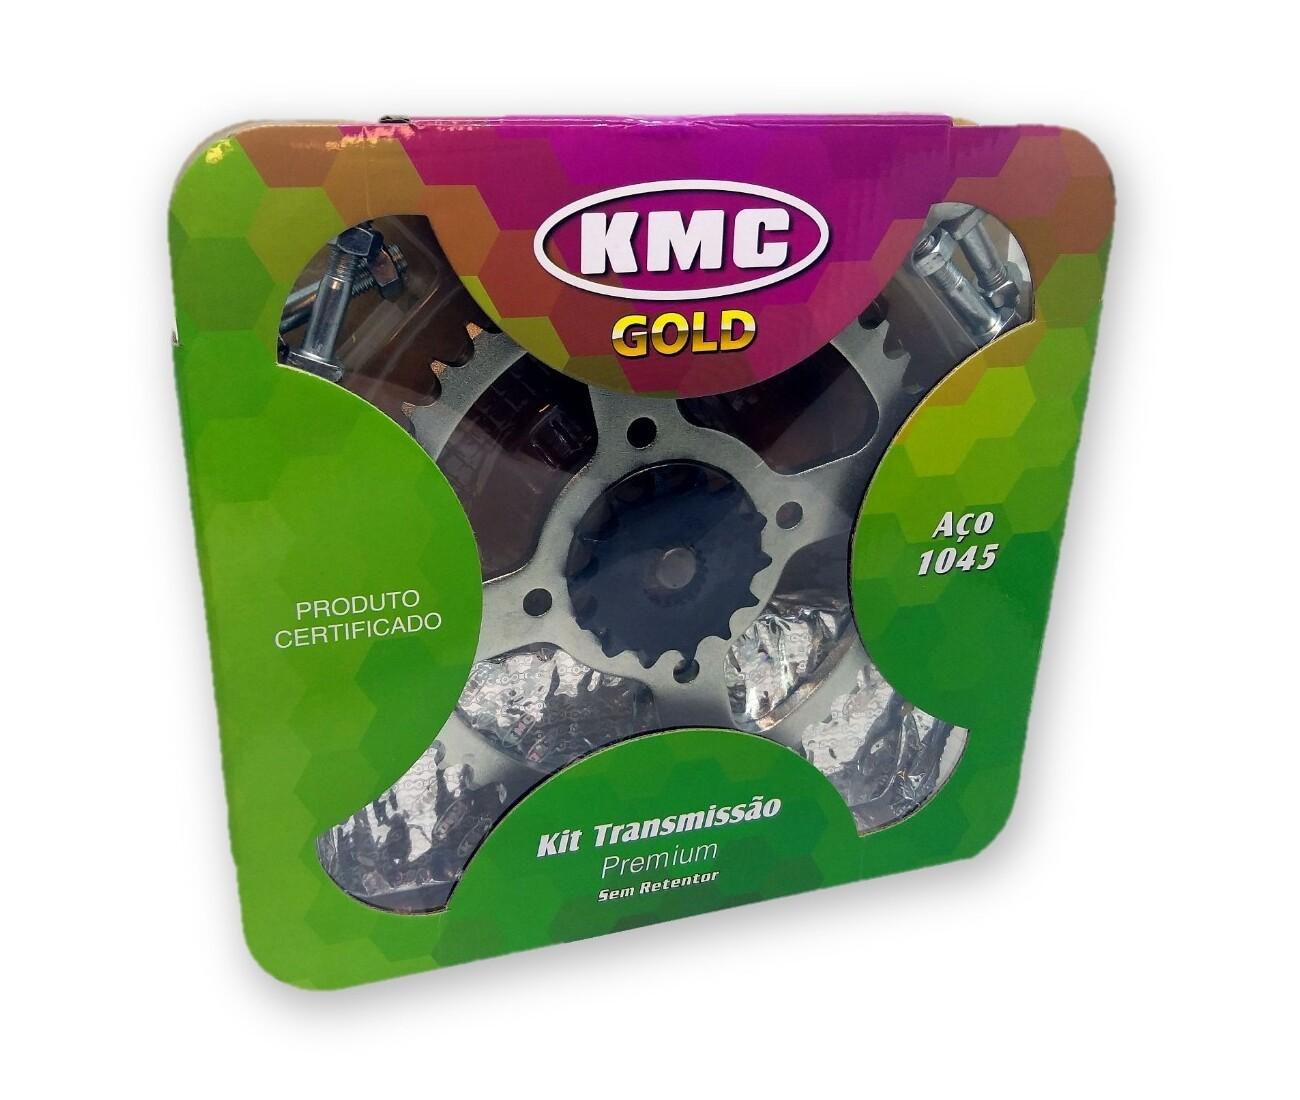 Kit Relação Yes / Intruder 125 1045 KMC GOLD 428x116x43x14